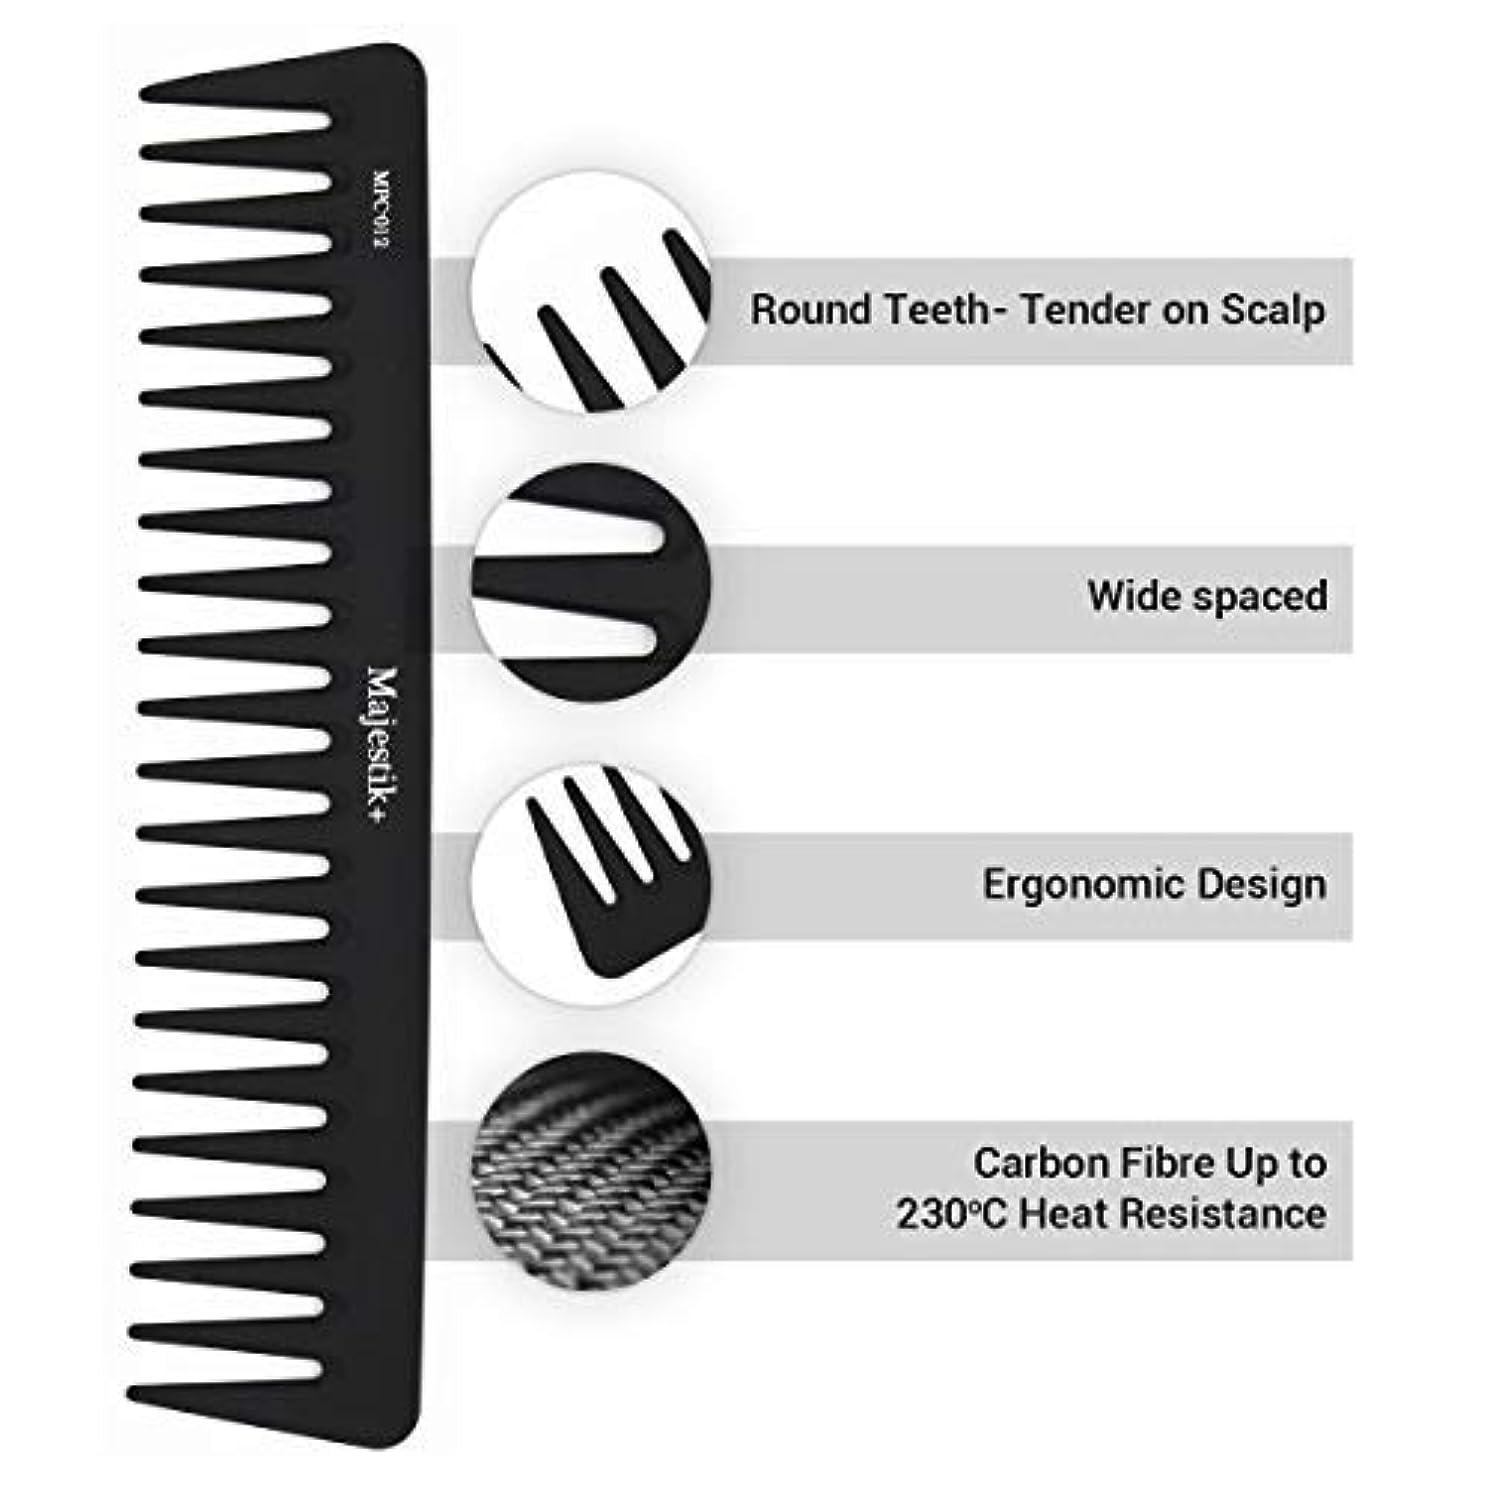 教授教え顕微鏡Wide Tooth Comb- a Professional Carbon Fibre Hair Comb by Majestik+, Anti-Static, Strength & Durability, in Black and 100% of Satisfaction! [並行輸入品]